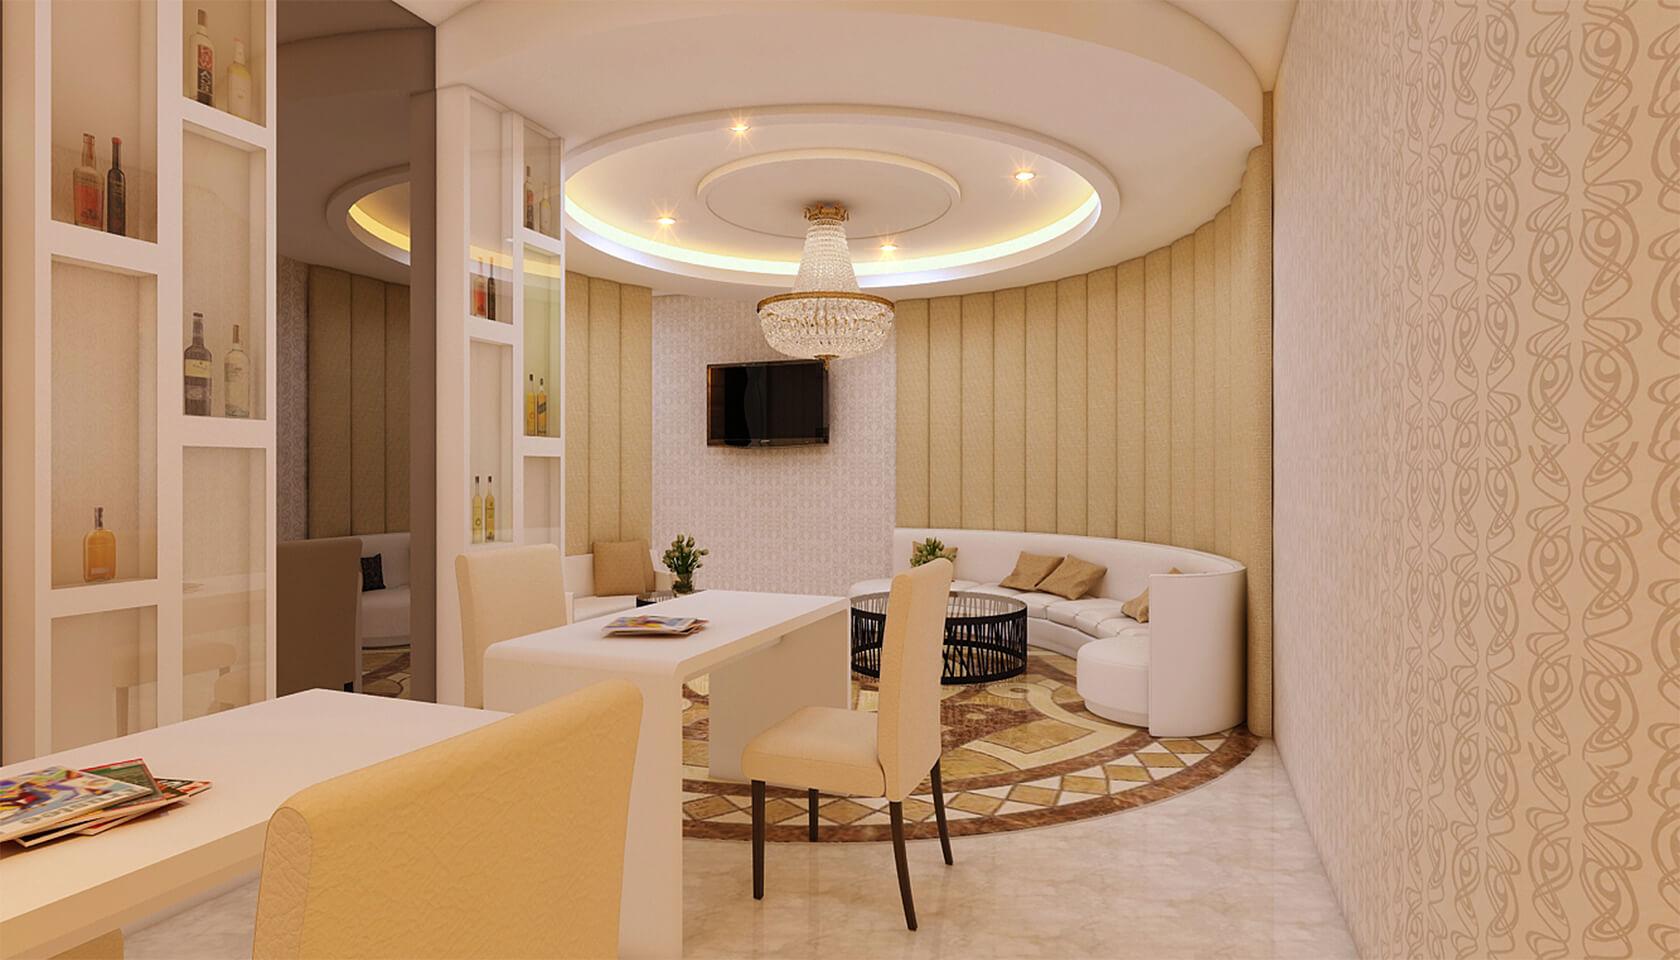 Dwara Design